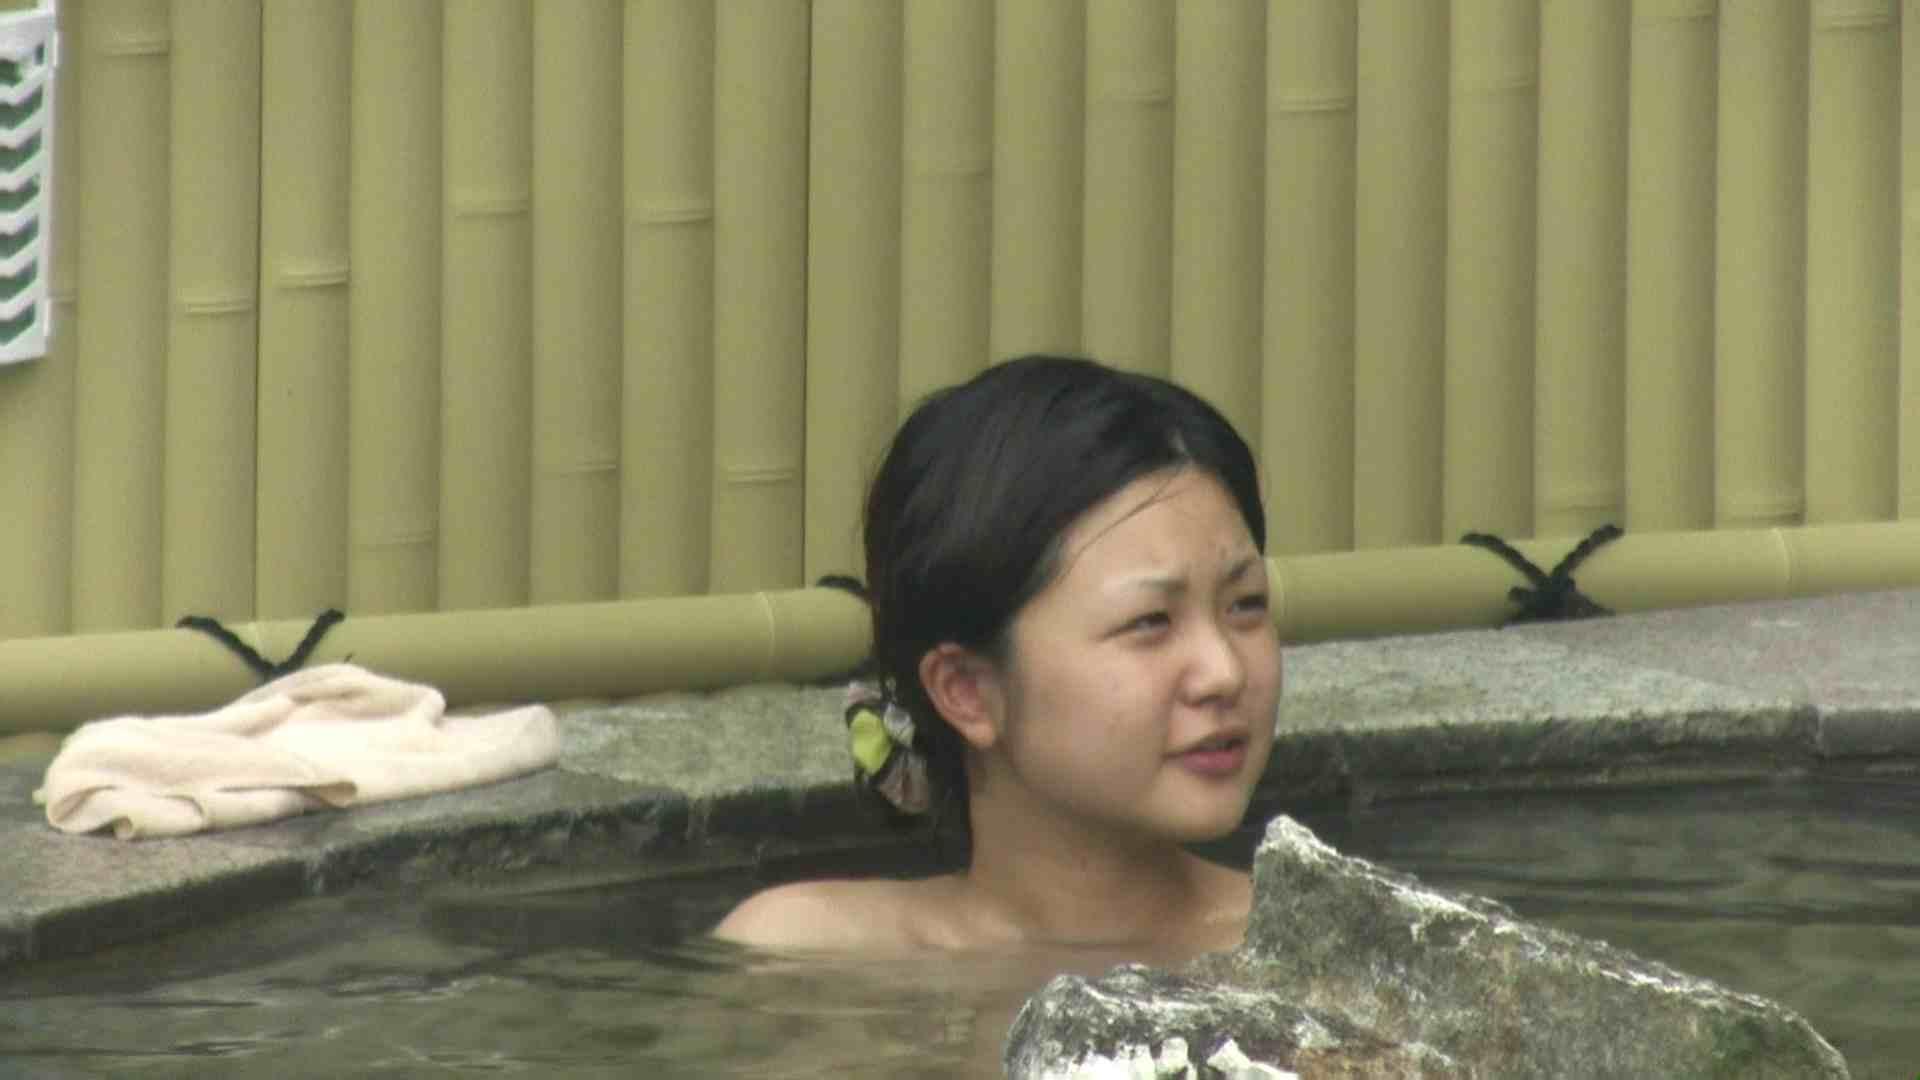 高画質露天女風呂観察 vol.032 高画質 セックス無修正動画無料 101連発 38